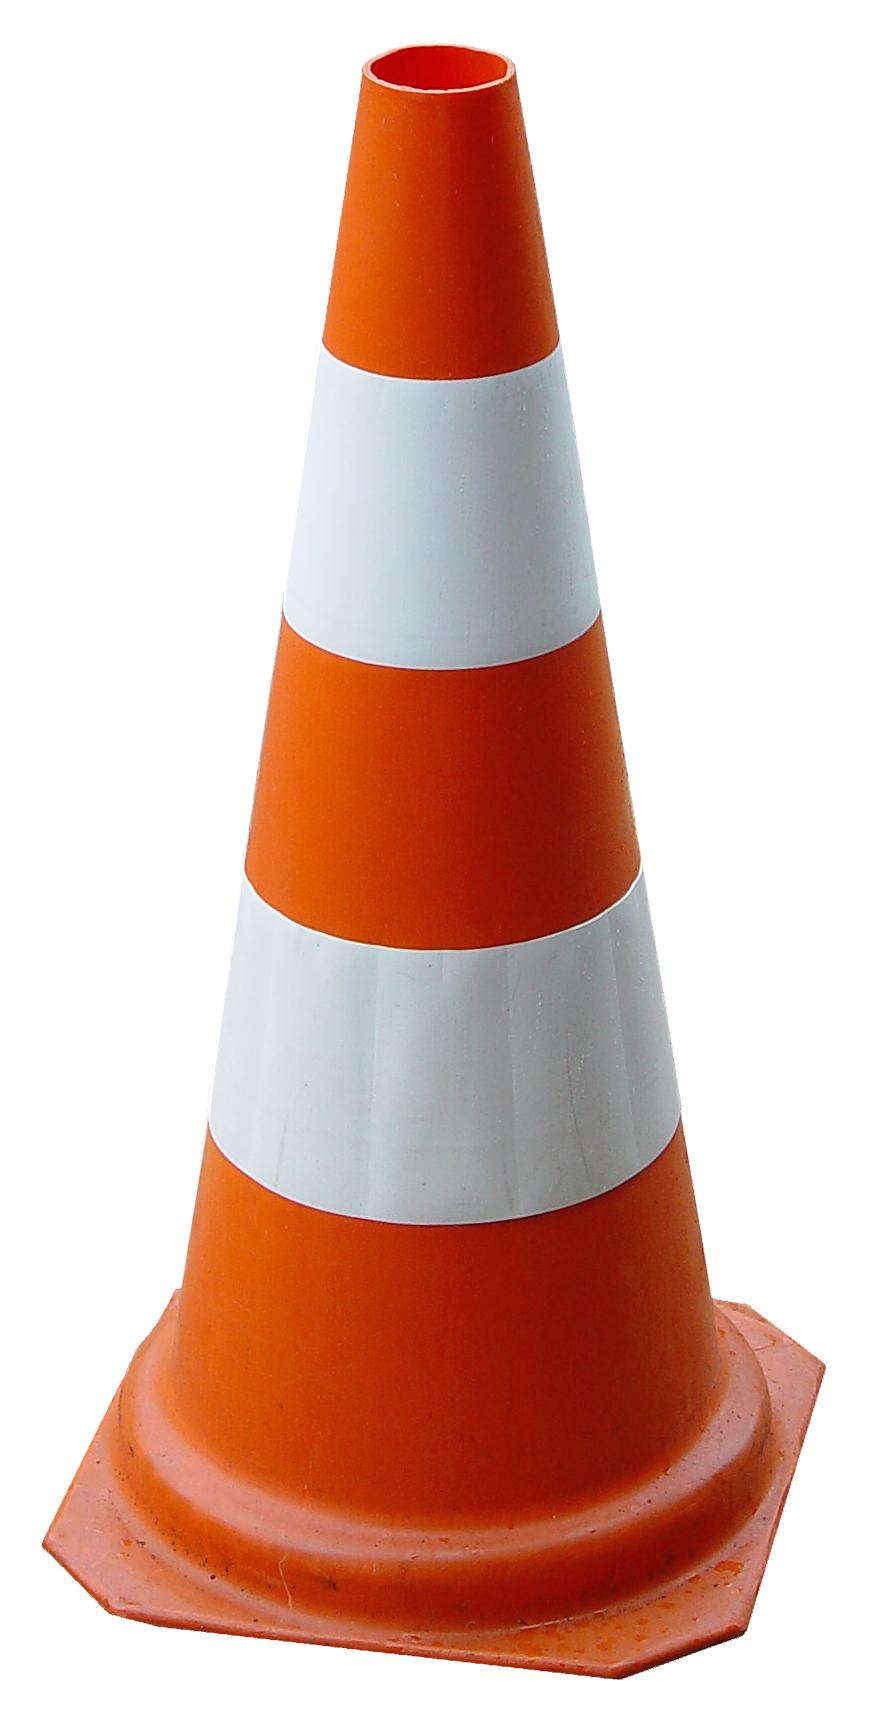 cone-1420743